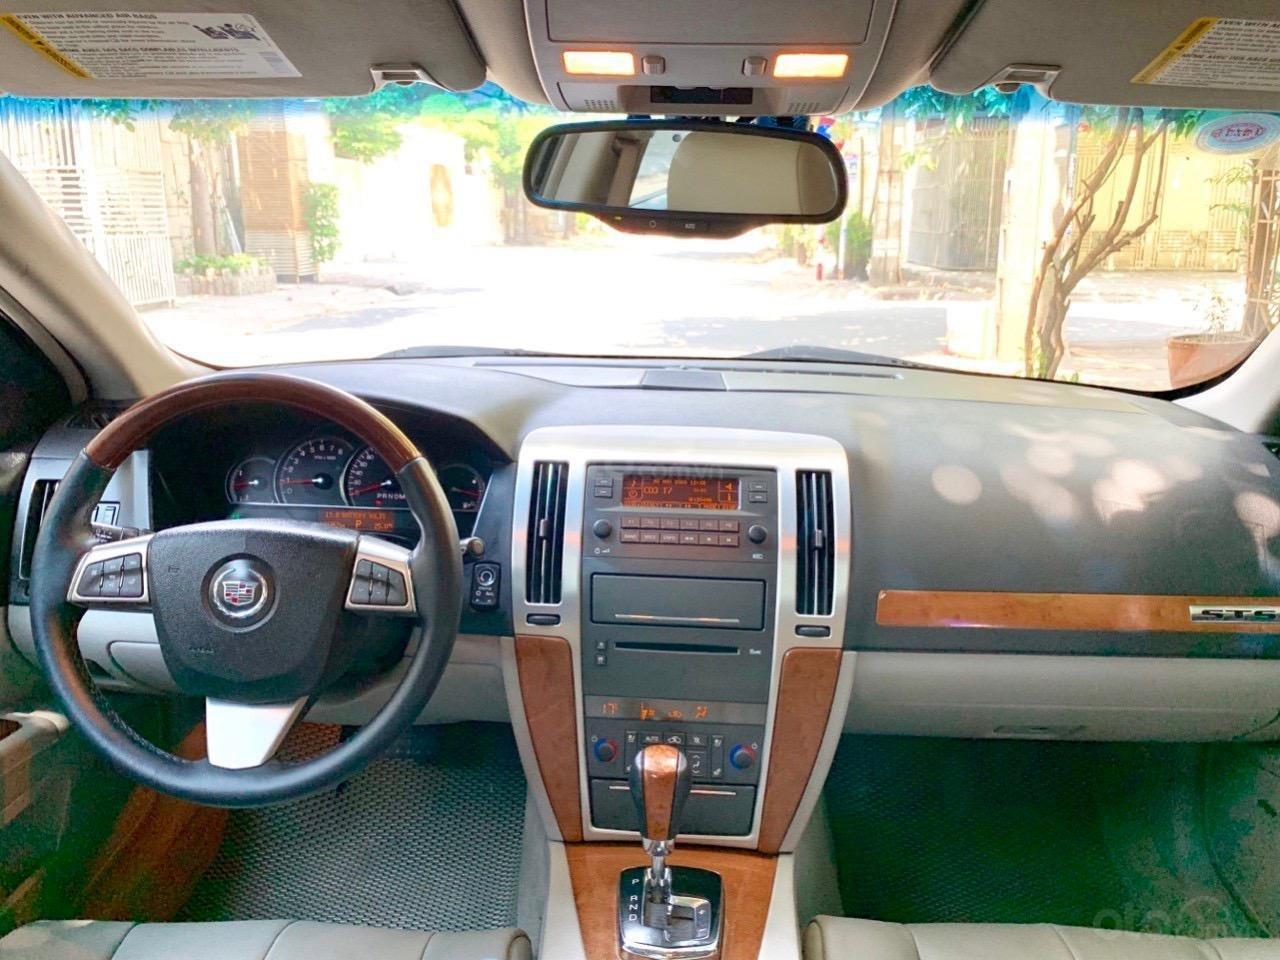 Cadillac STS nhập Mỹ 2010, hàng full đủ đồ chơi, nút đề star/top, hai cửa sổ trời (6)